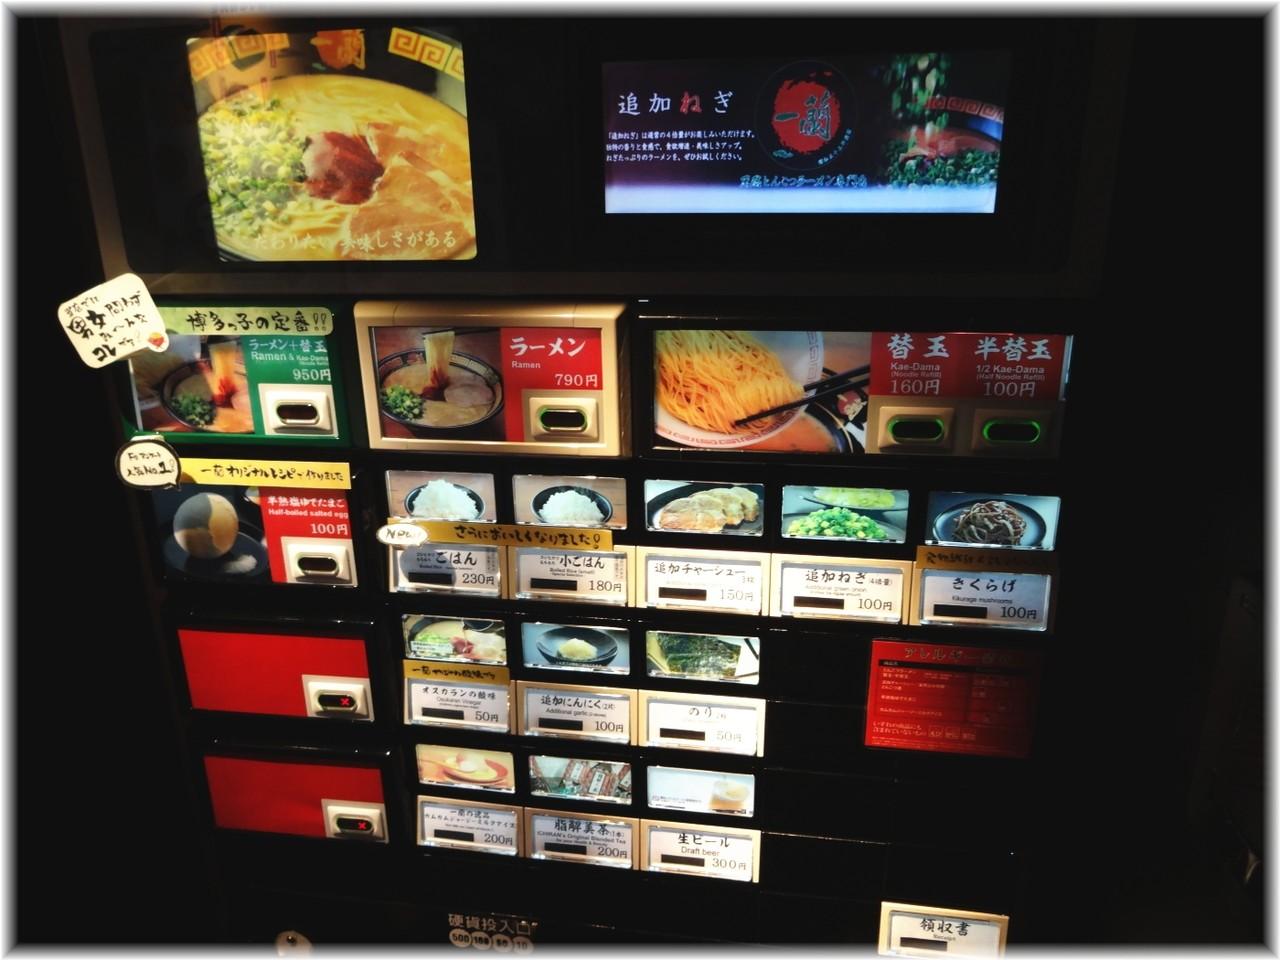 一蘭桜木町店 食券機